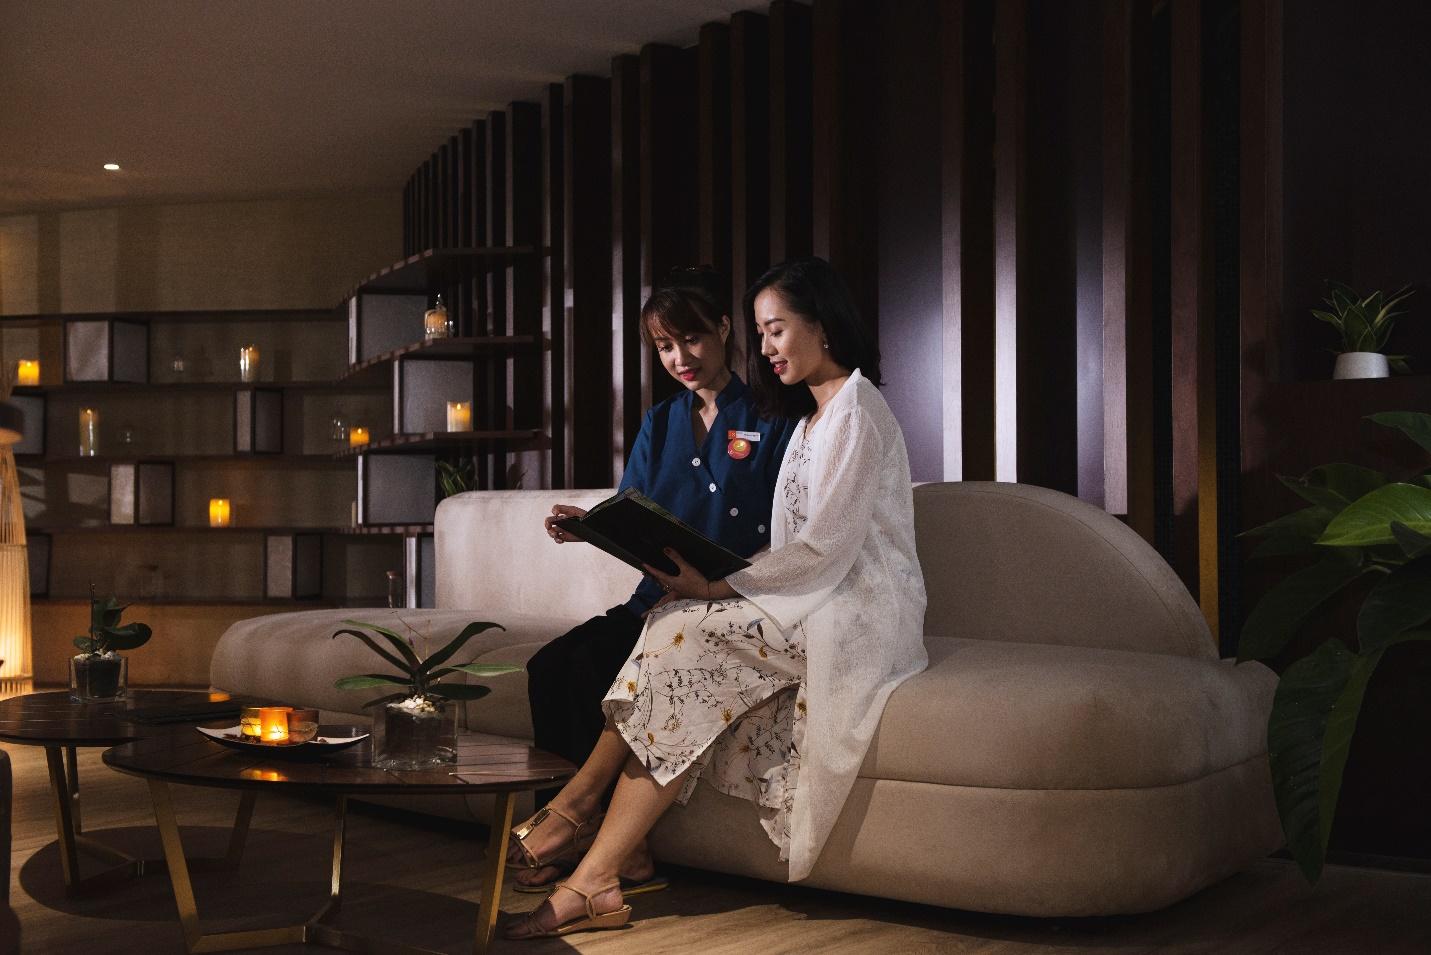 Khám phá tổ hợp nghỉ dưỡng, giải trí sang chảnh mới ngay gần trung tâm Hà Nội - Ảnh 9.